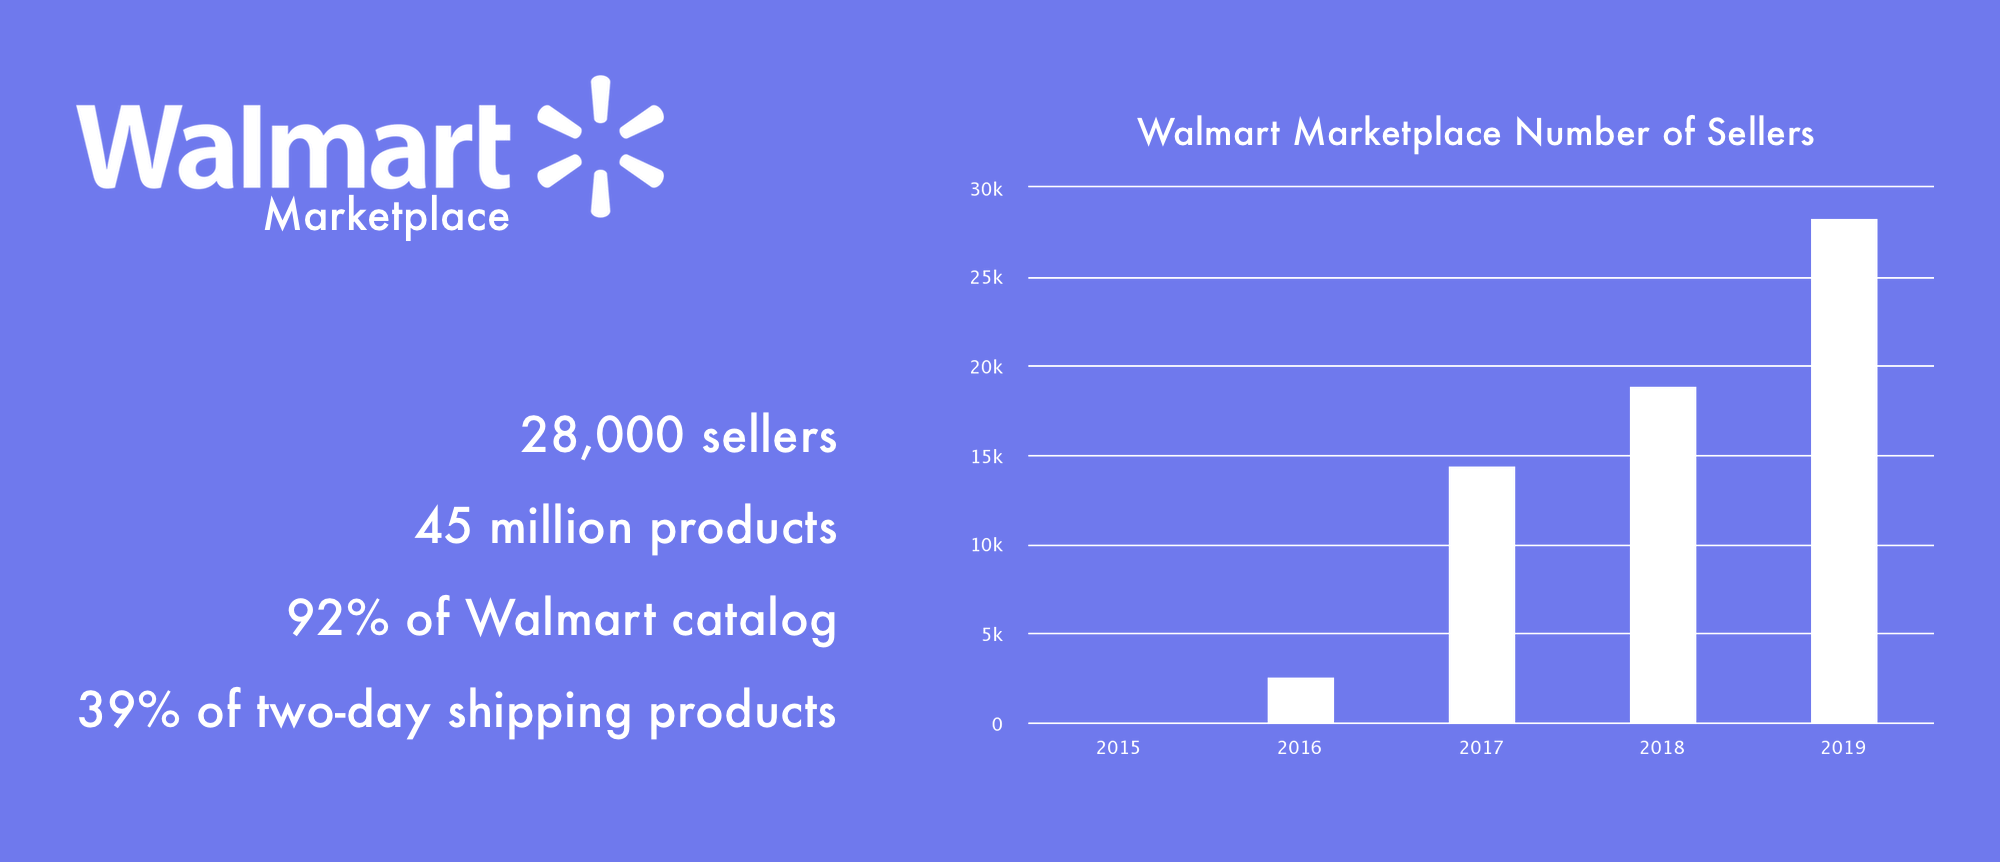 Walmart Marketplace stats